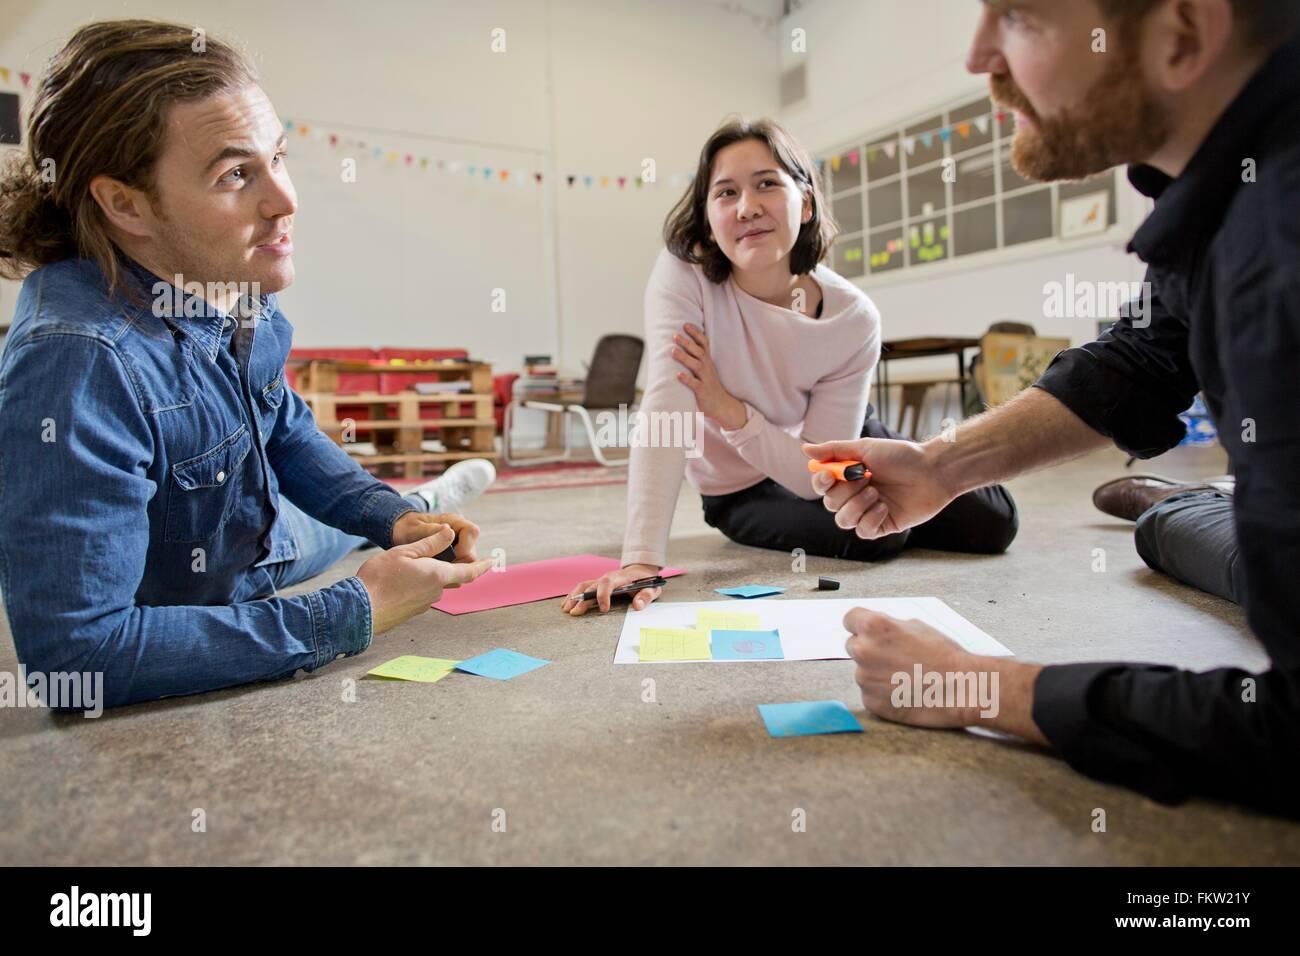 Les Gens en réunion de brainstorming Photo Stock